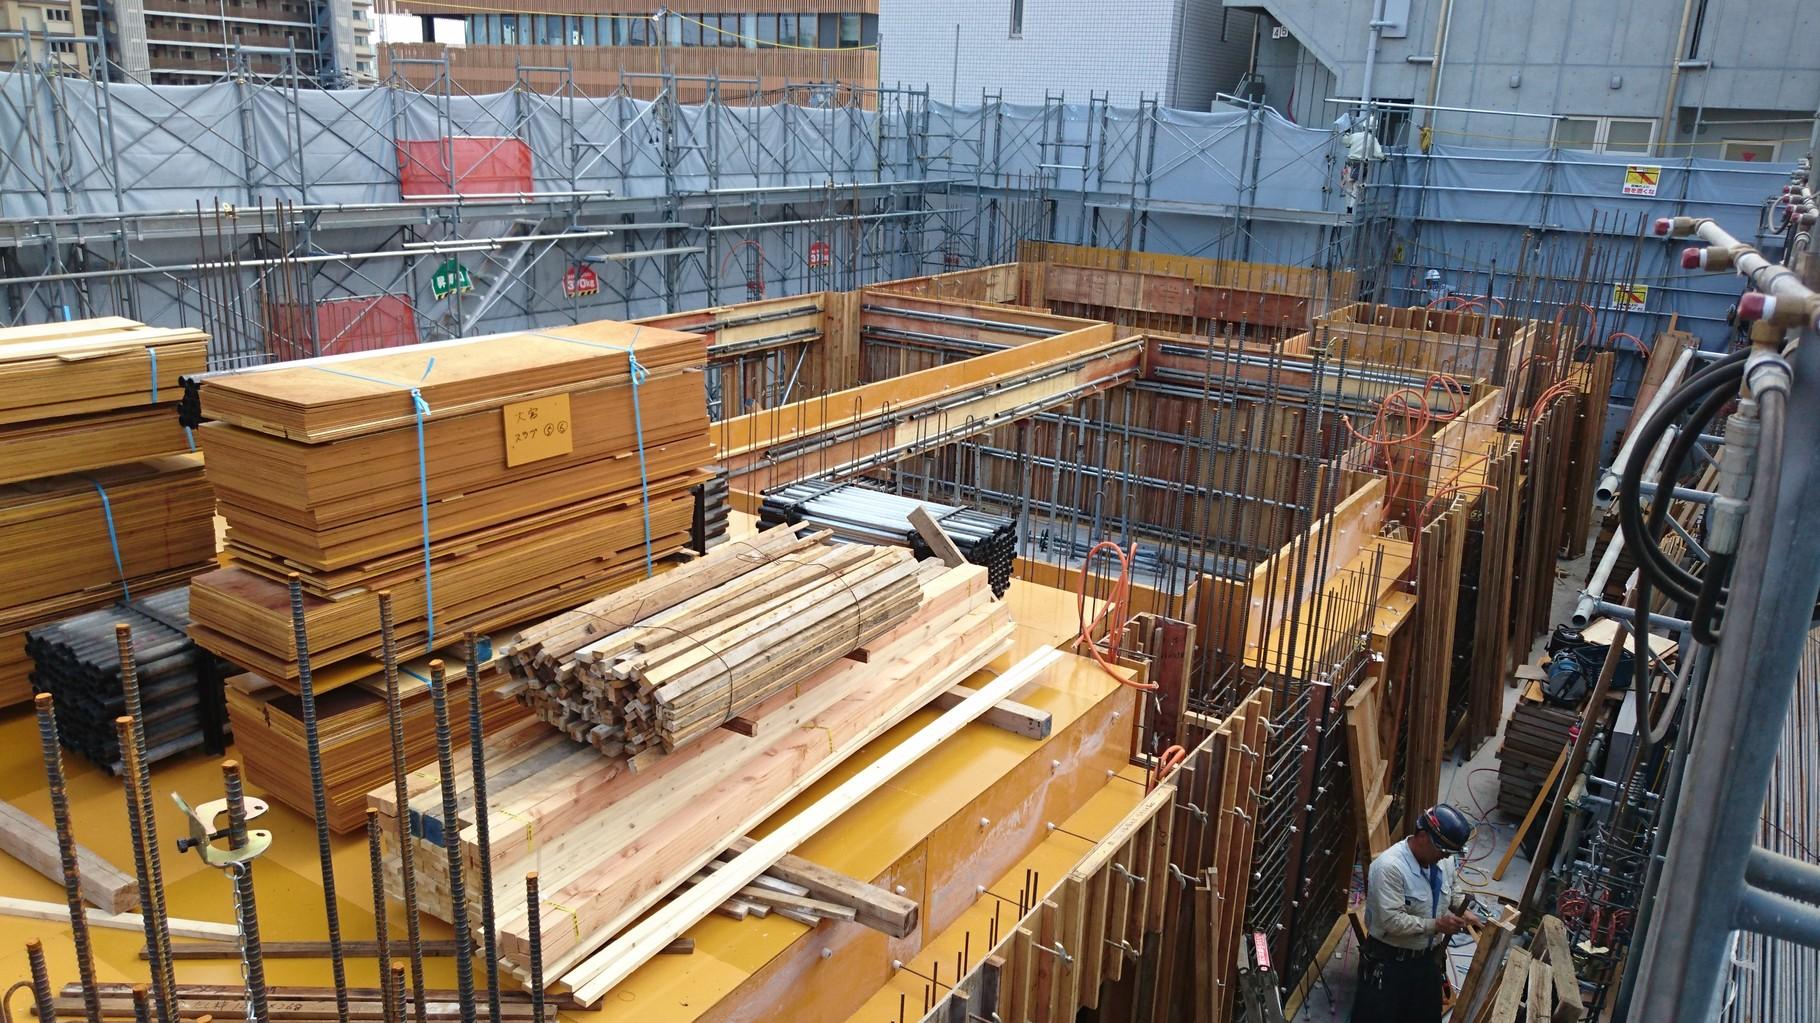 Kết quả hình ảnh cho ngành nghề xuất khẩu lao động tỉnh  fukuoka xây dựng